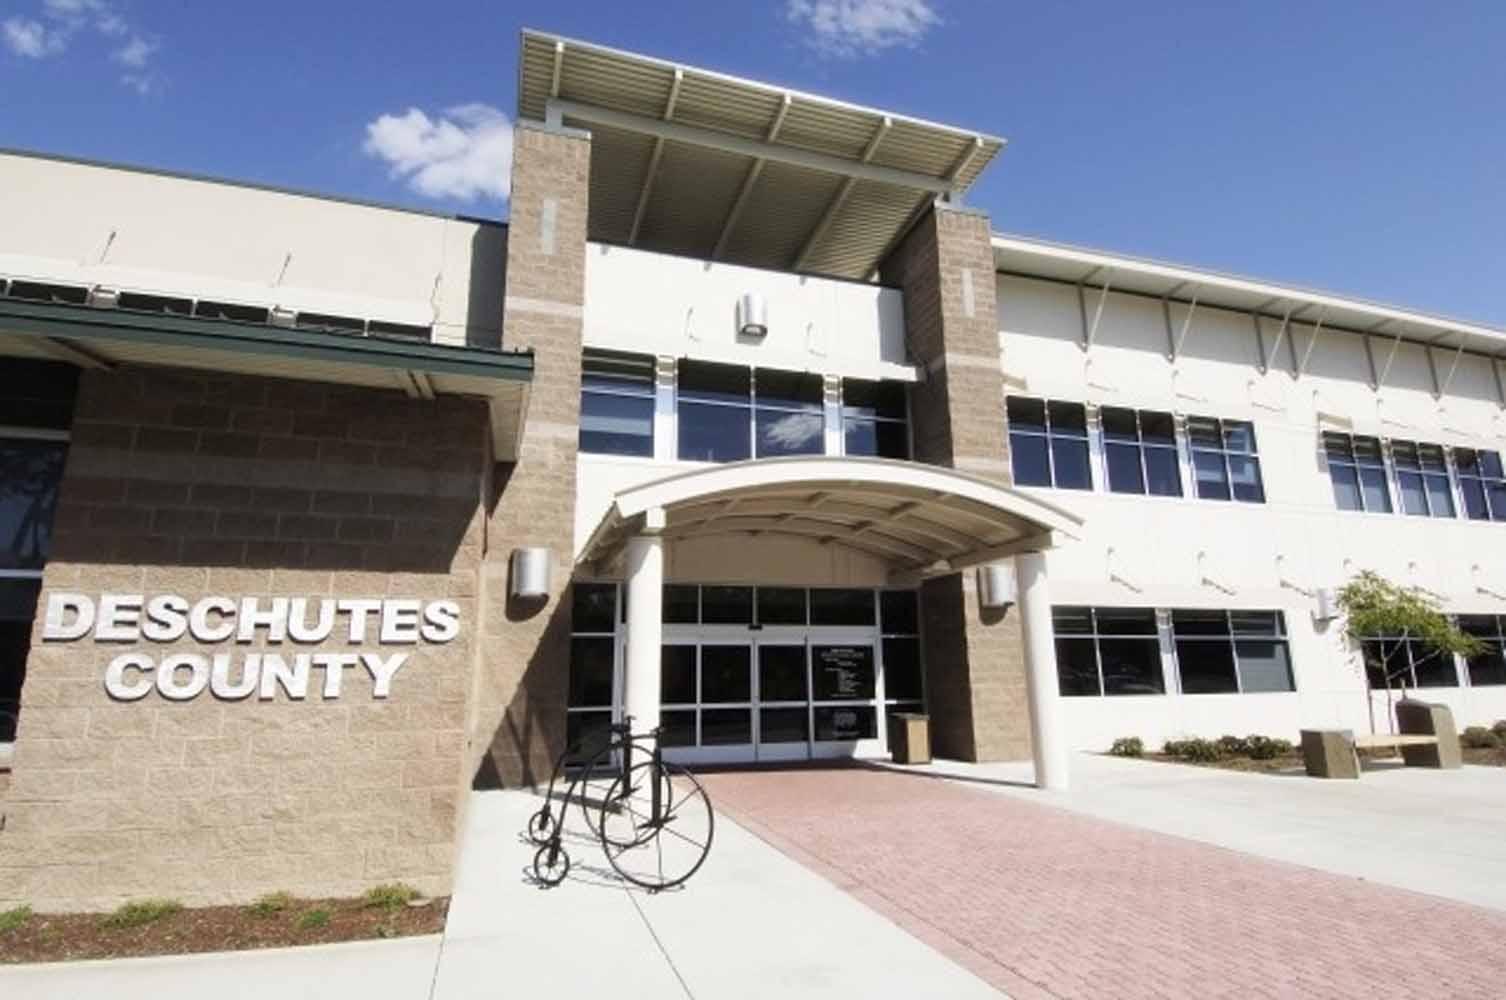 Deschutes County Pro Deschutes Services Center Bend